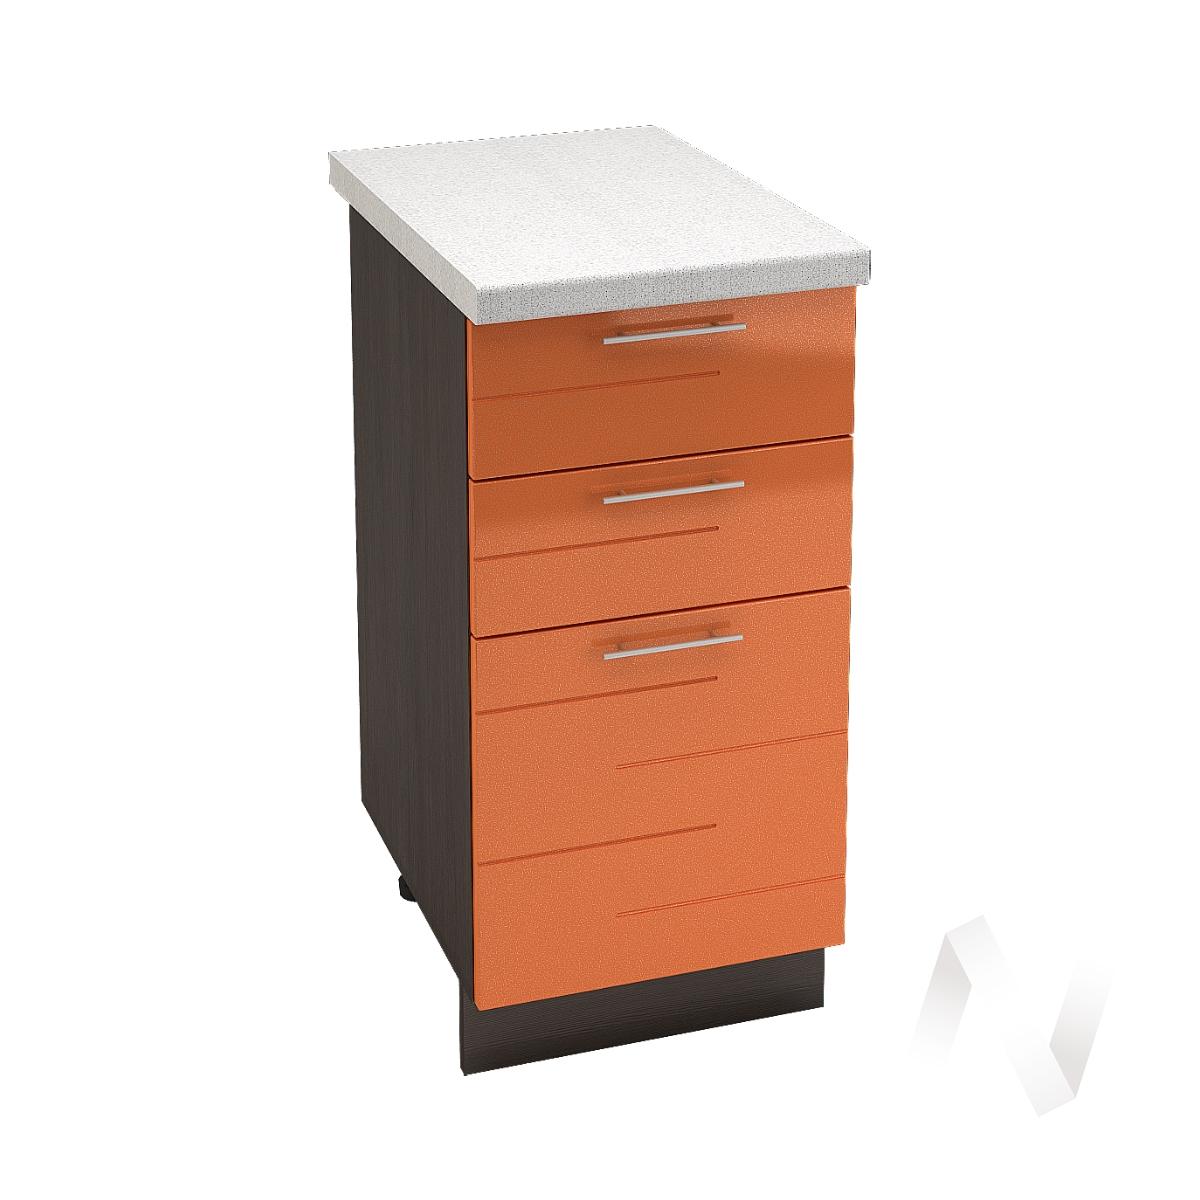 """Кухня """"Техно"""": Шкаф нижний с 3-мя ящиками 400, ШН3Я 400 (корпус венге)"""